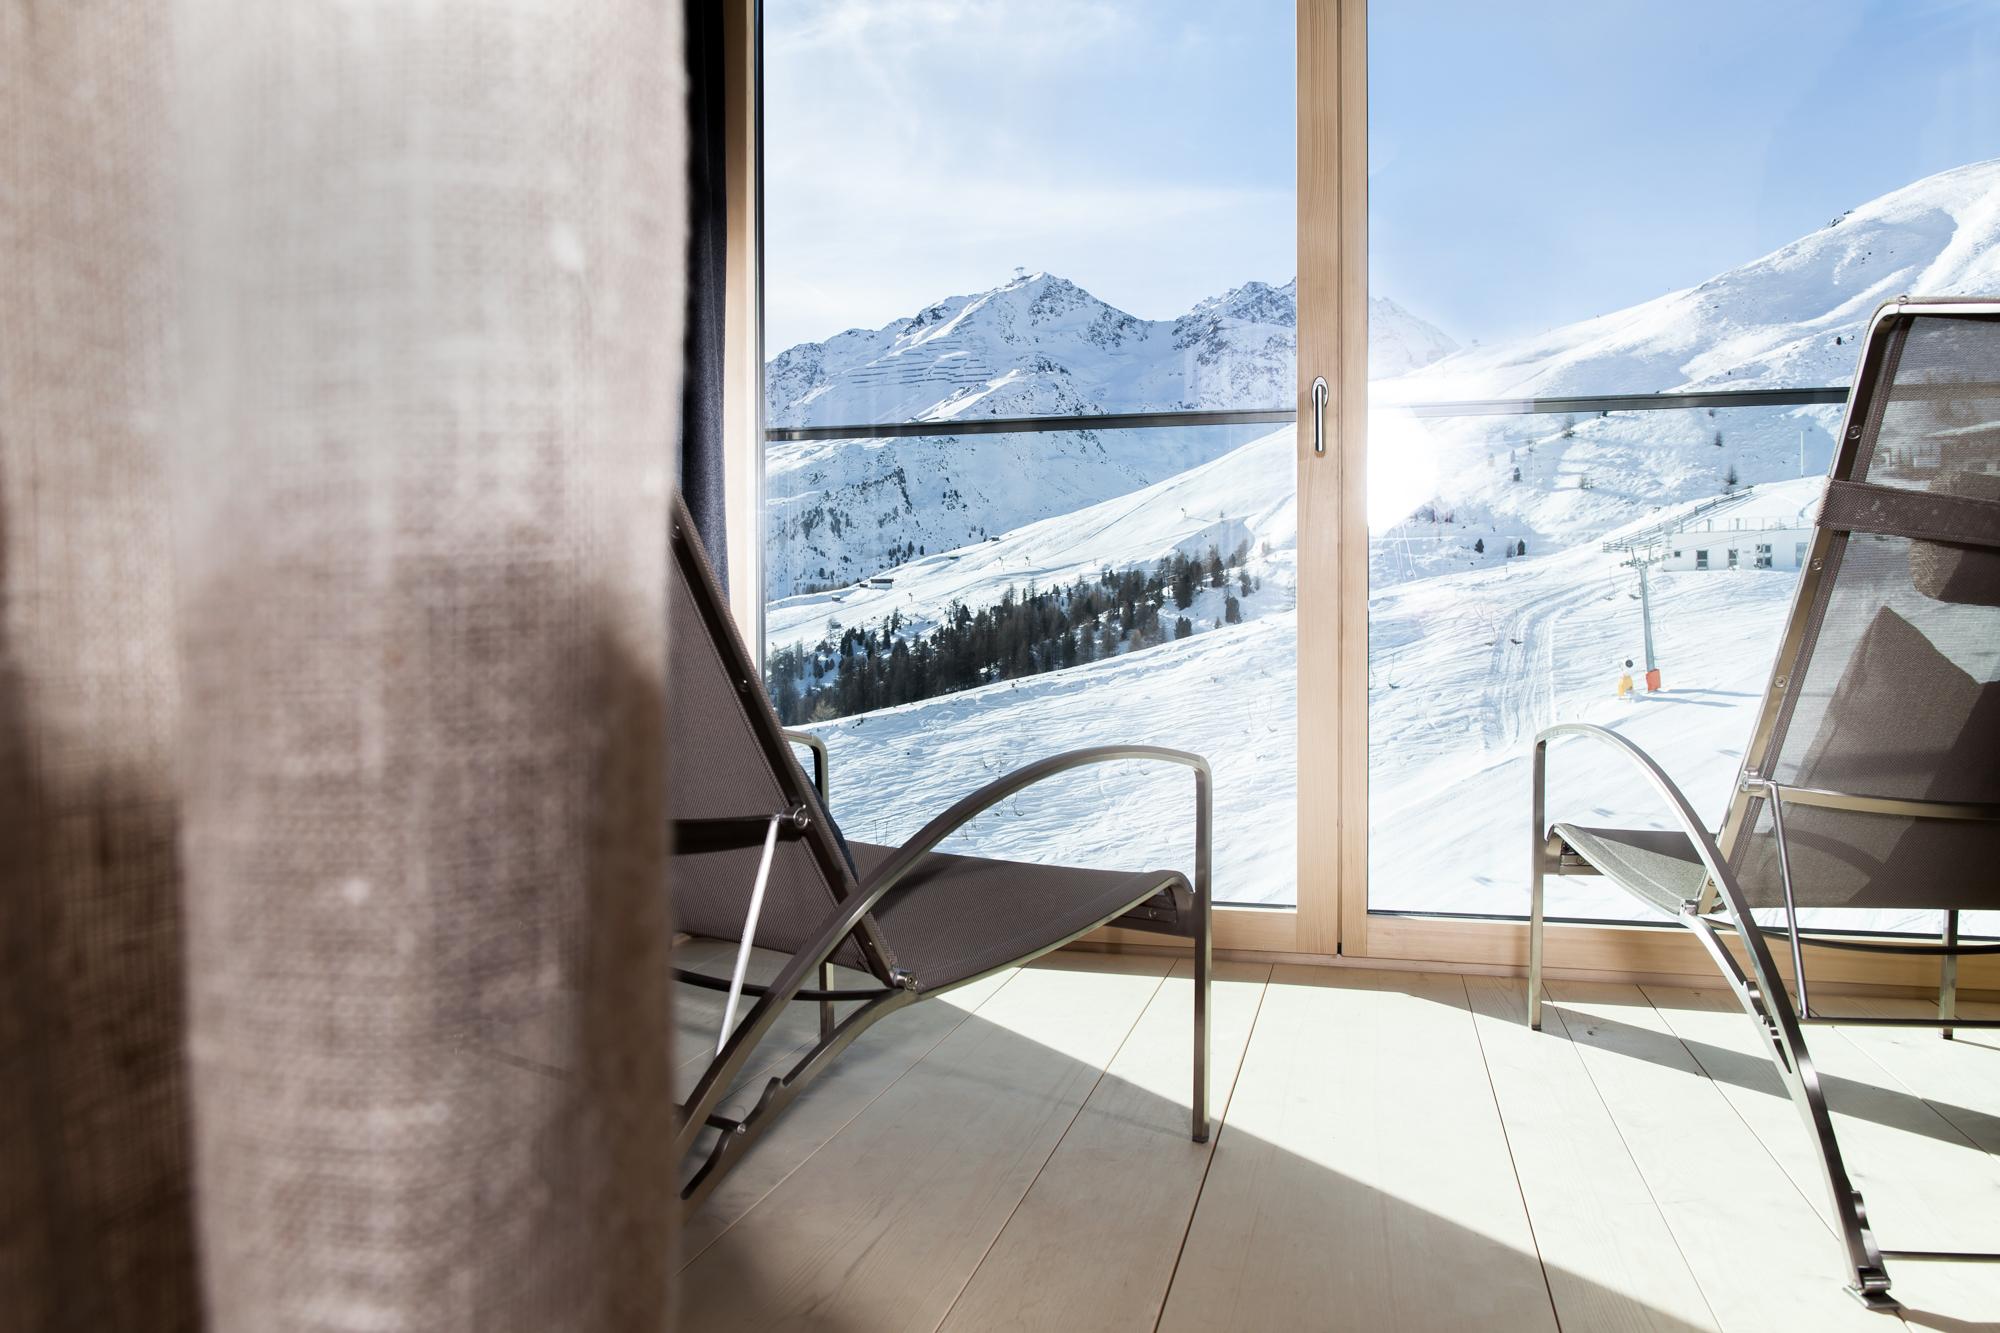 Sonnenuntergang im Hotel Alpenfriede